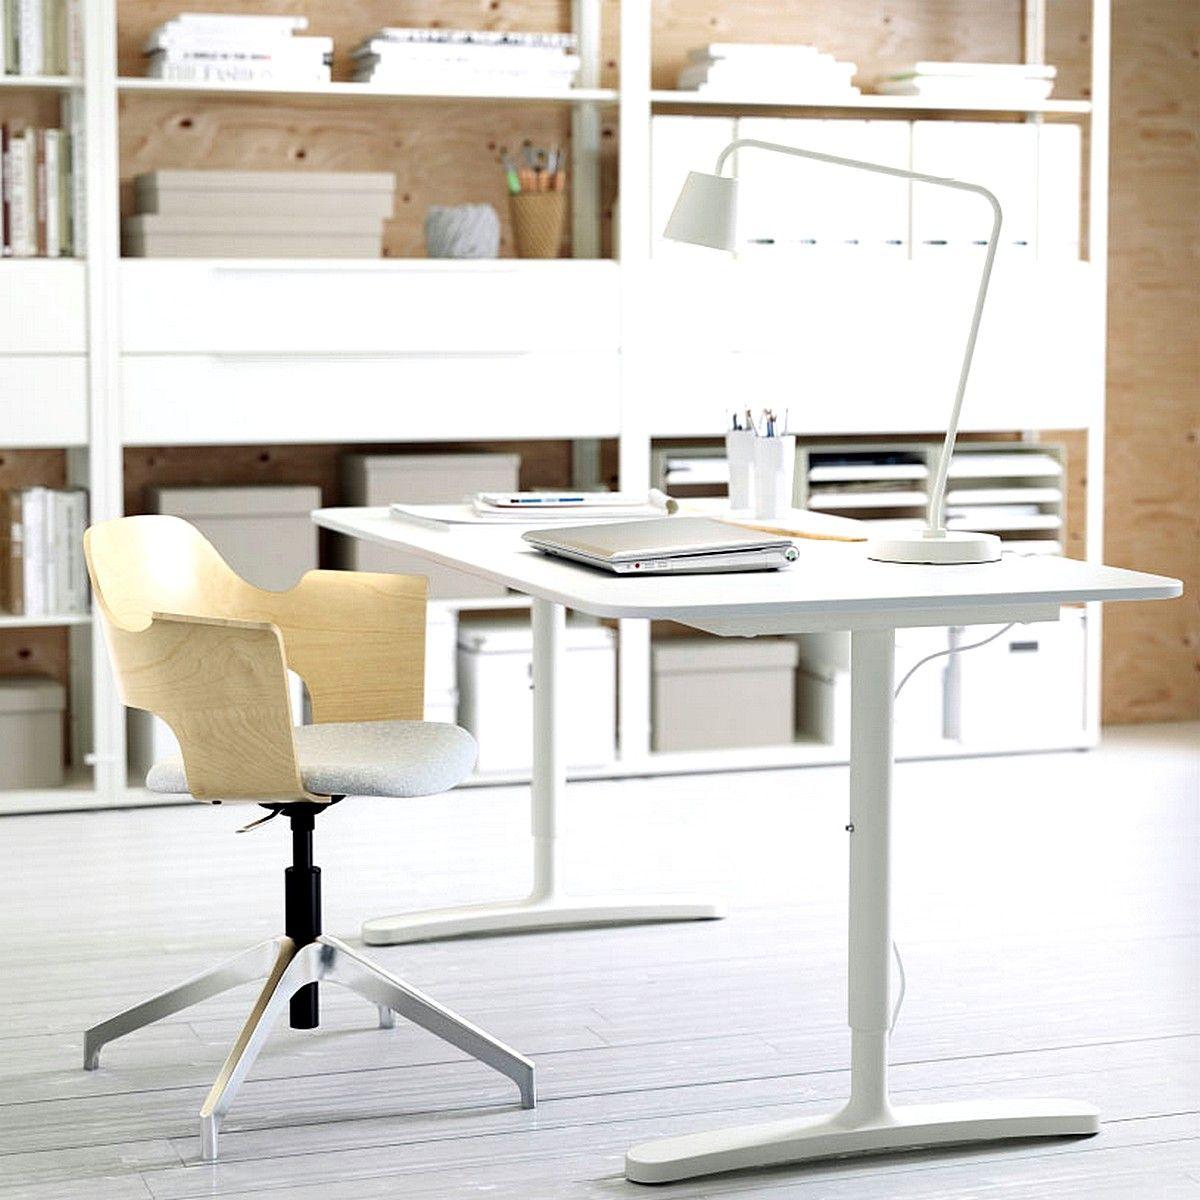 Ikea Bekant Desk White In A Home Office Minimalist Desk Design Ideas Ikea Home Office Home Office Furniture Ikea Bekant Desk